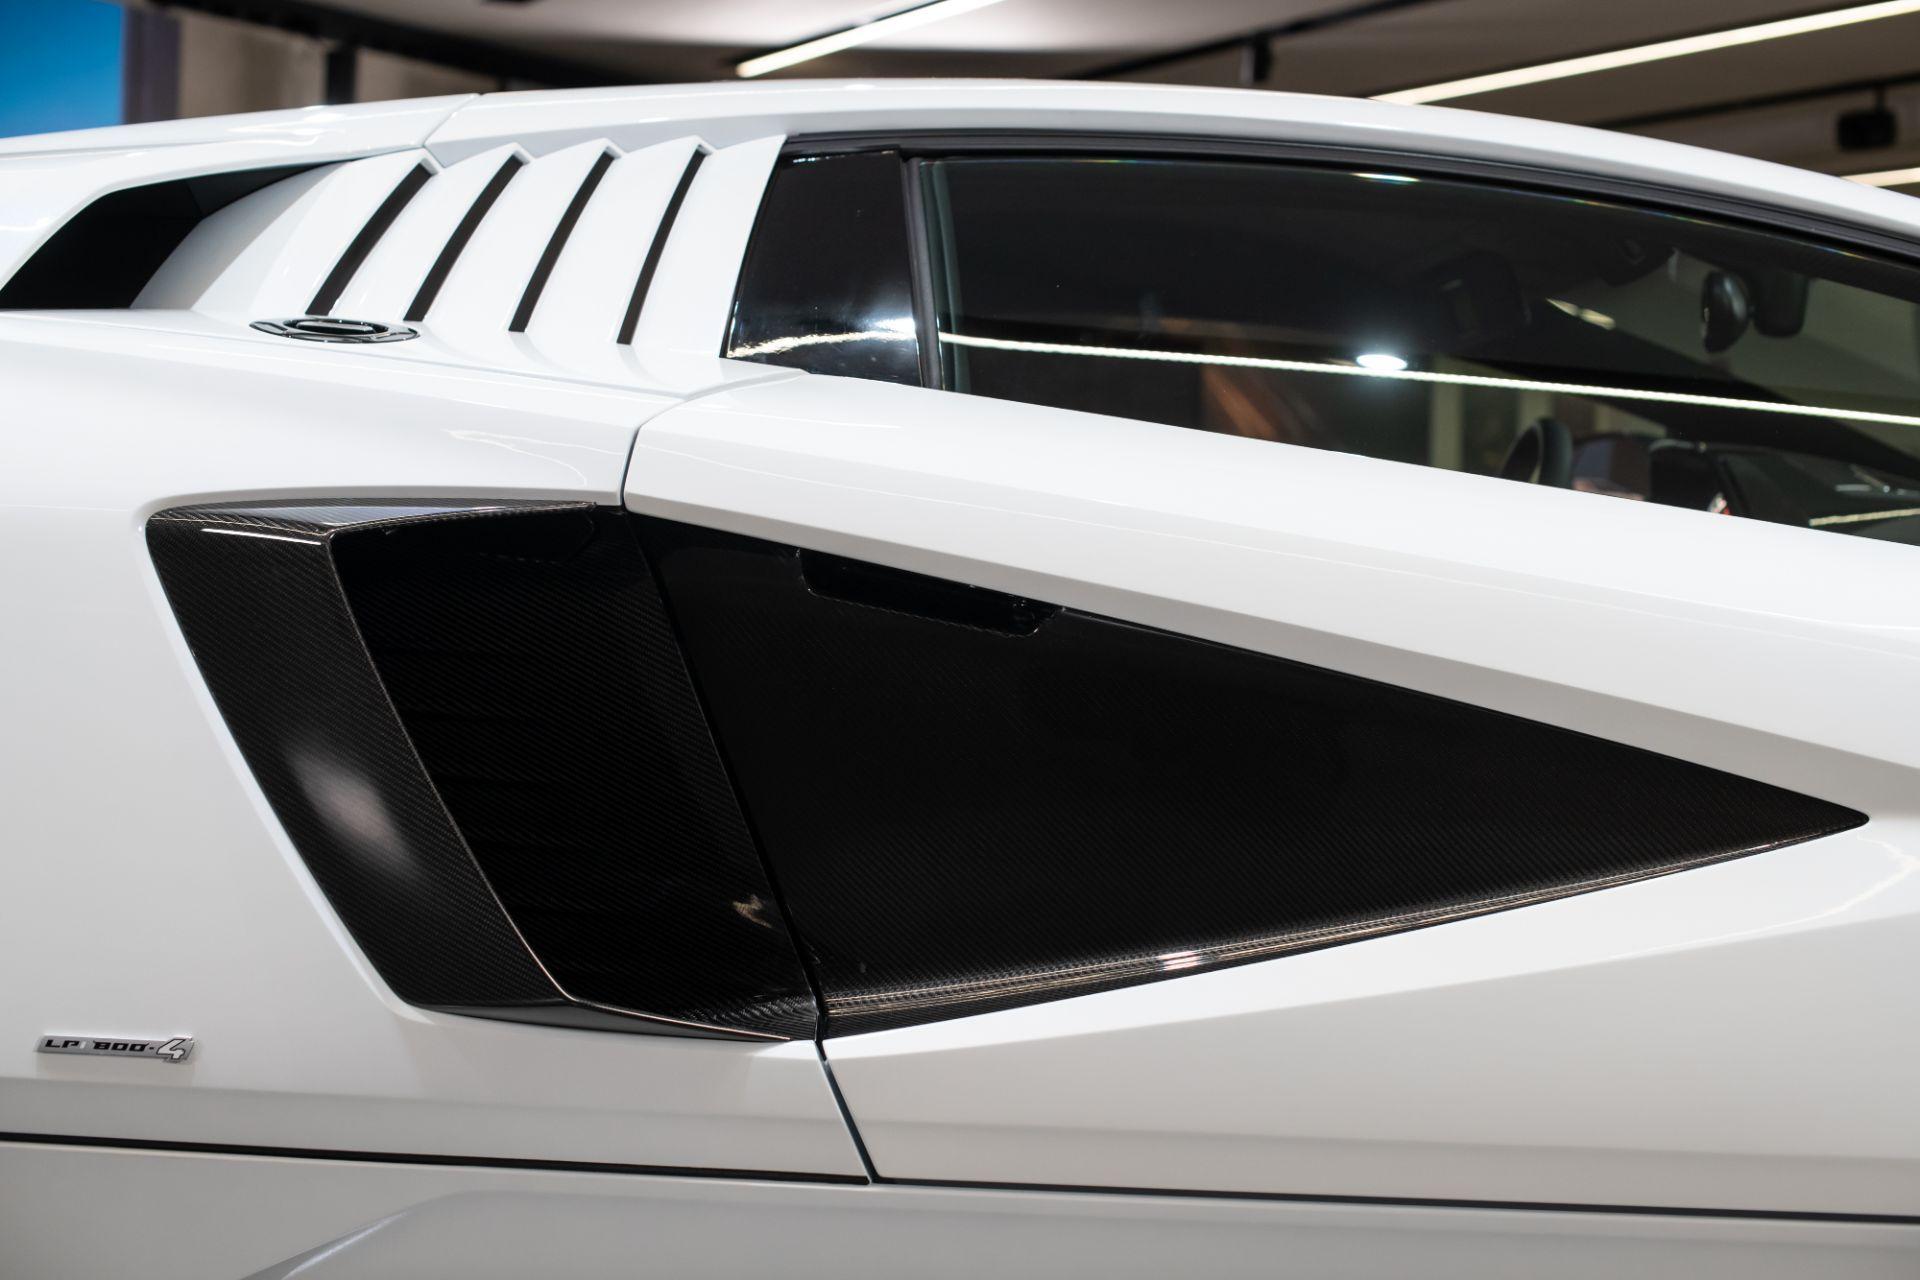 Lamborghini-Countach-LPI-800-4-46